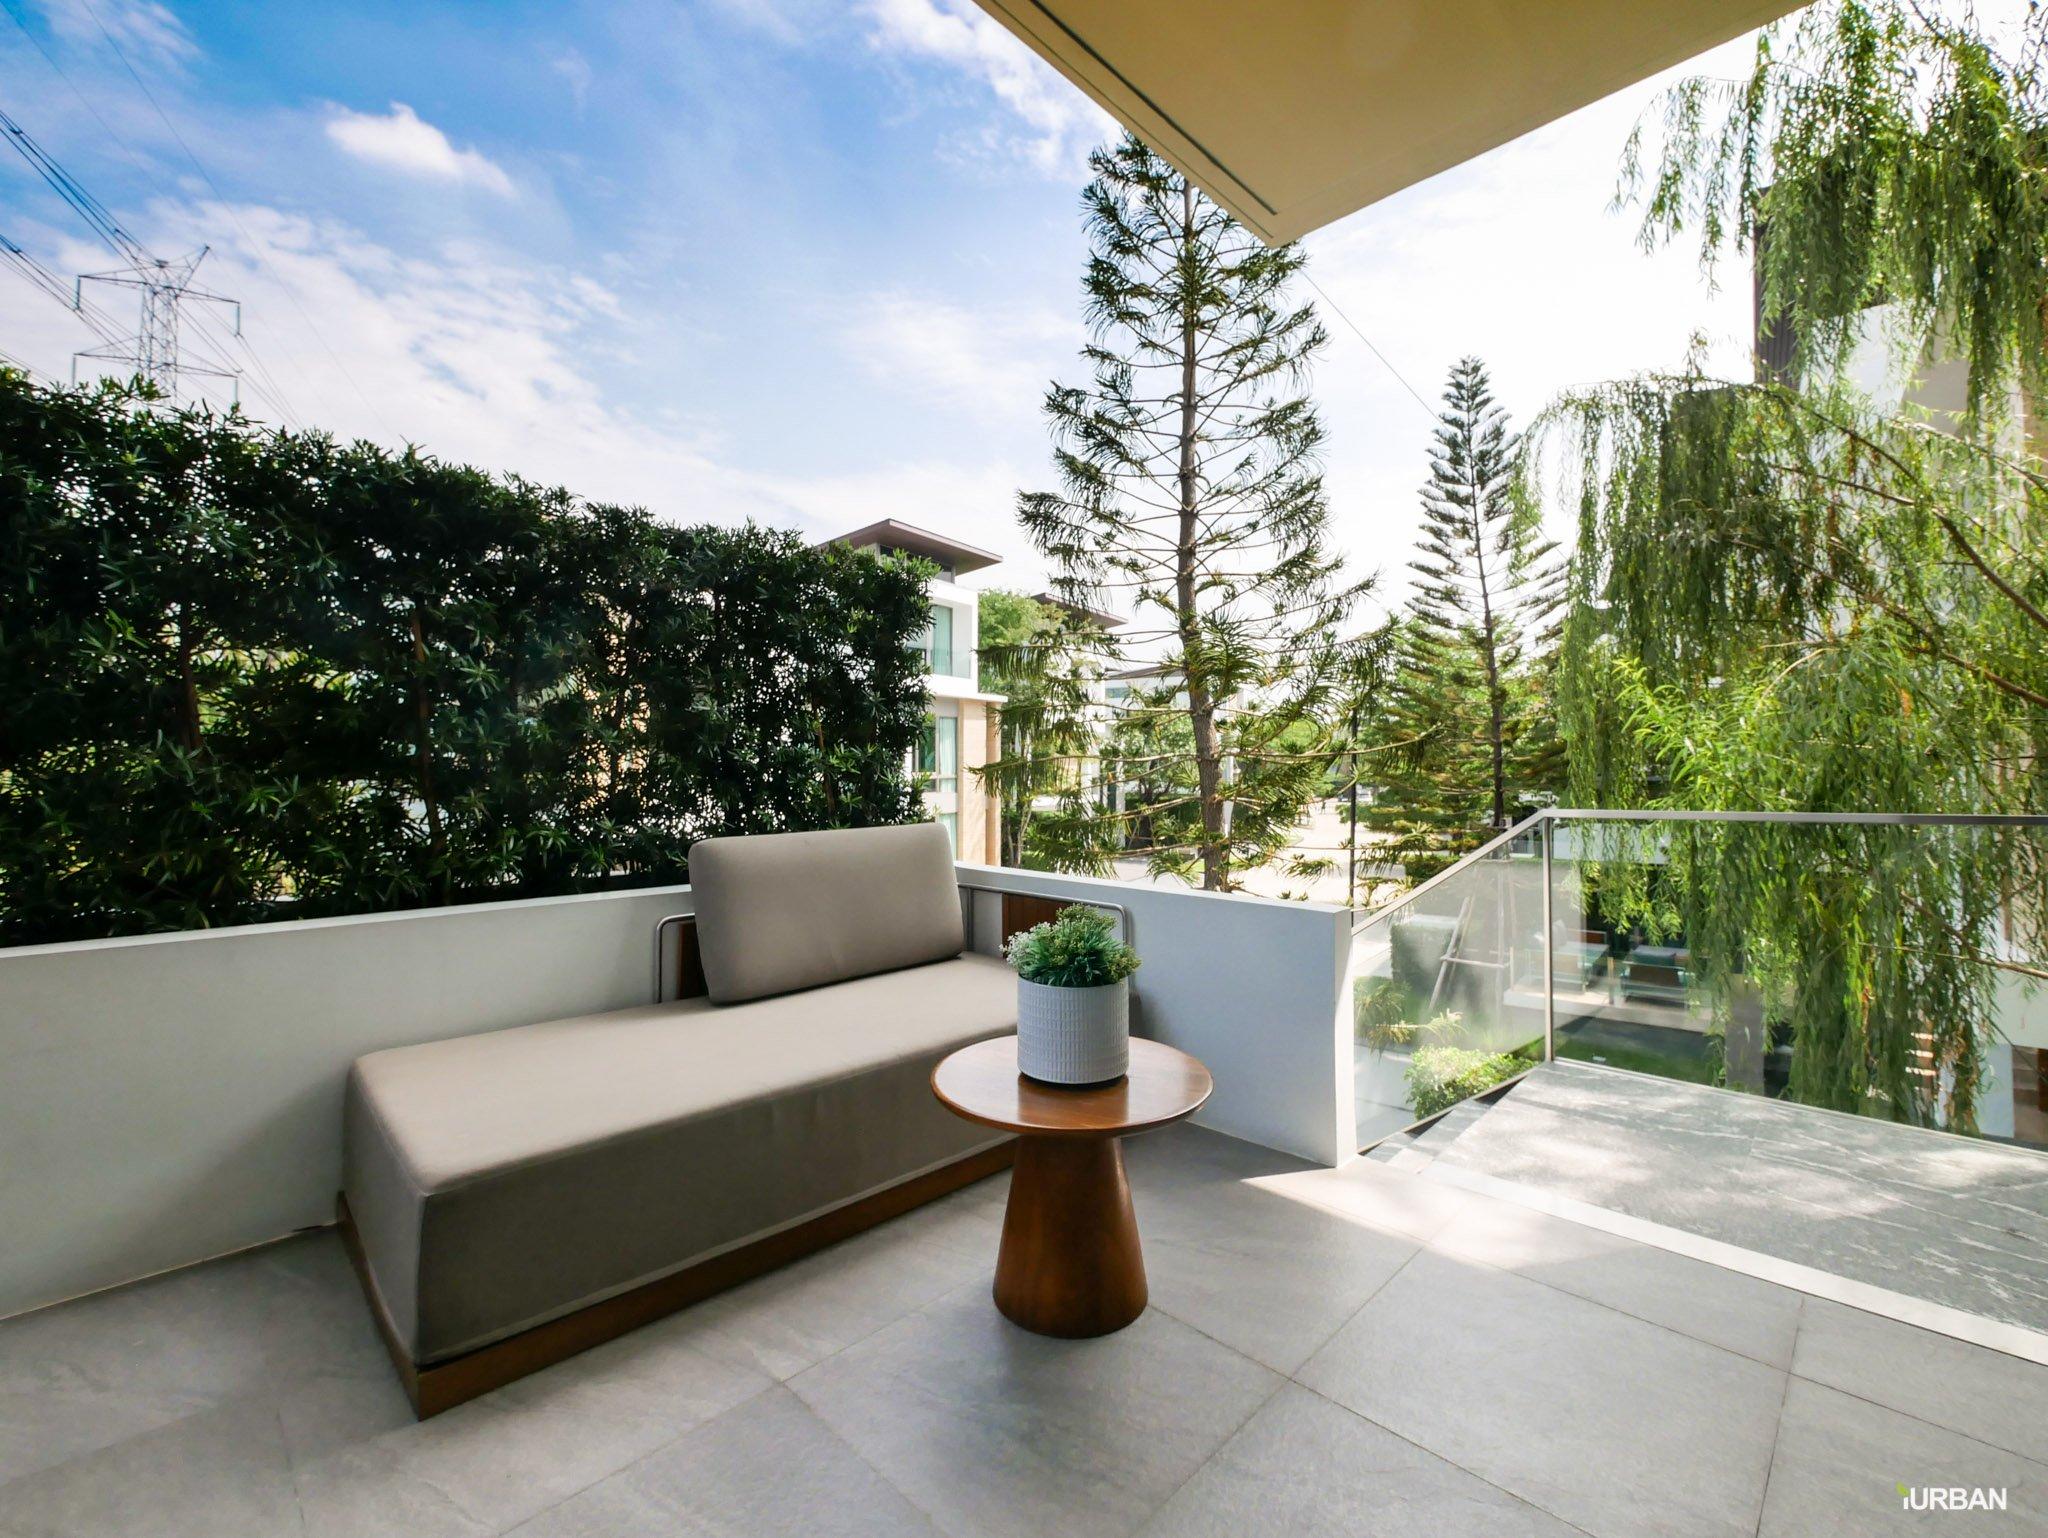 รีวิว Nirvana Beyond พระราม 2 บ้านที่ออกแบบทุกดีเทลเพื่อความสุขทุก GEN ของครอบครัวใหญ่ 80 - Beyond